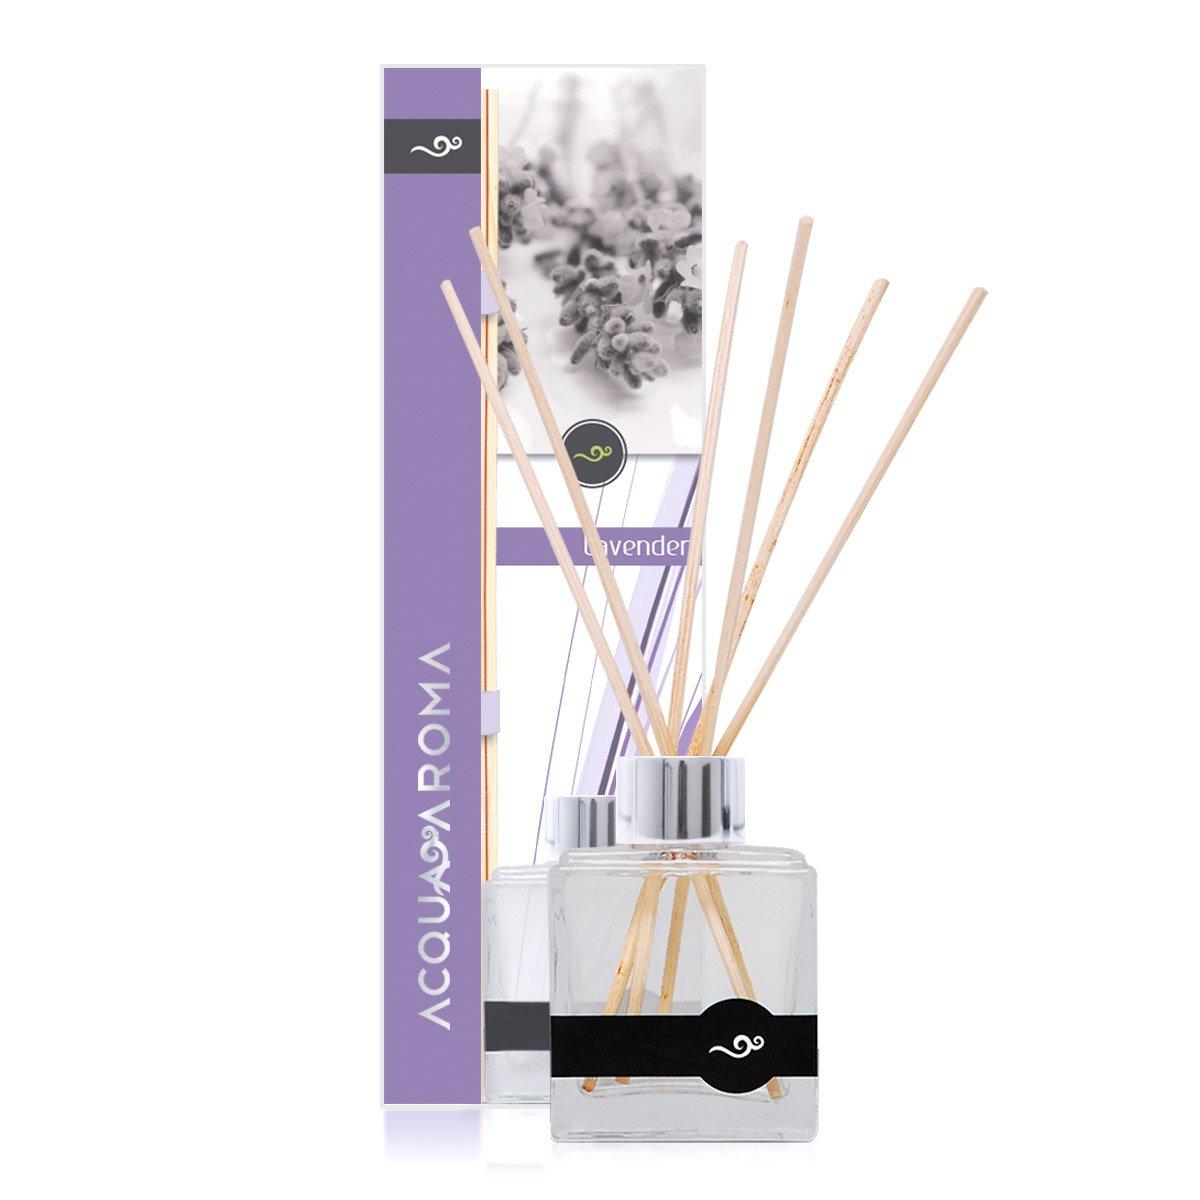 Acqua Aroma Lavender Reed Diffuser 3.4 FL OZ (100ml)